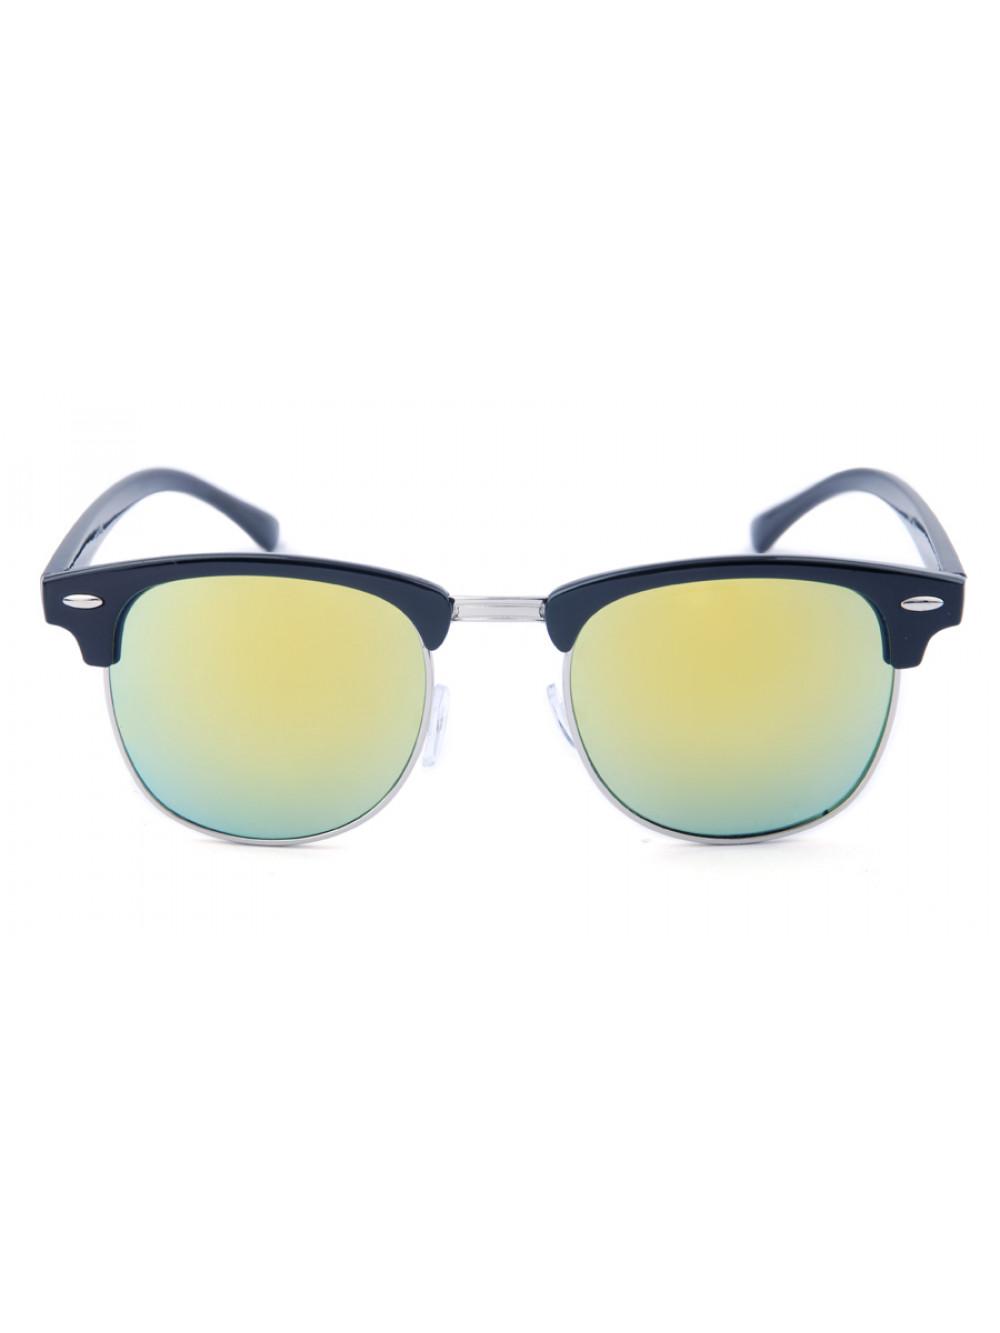 9b20f26e1 Slnečné okuliare Clubmaster Green · Slnečné okuliare Clubmaster Green